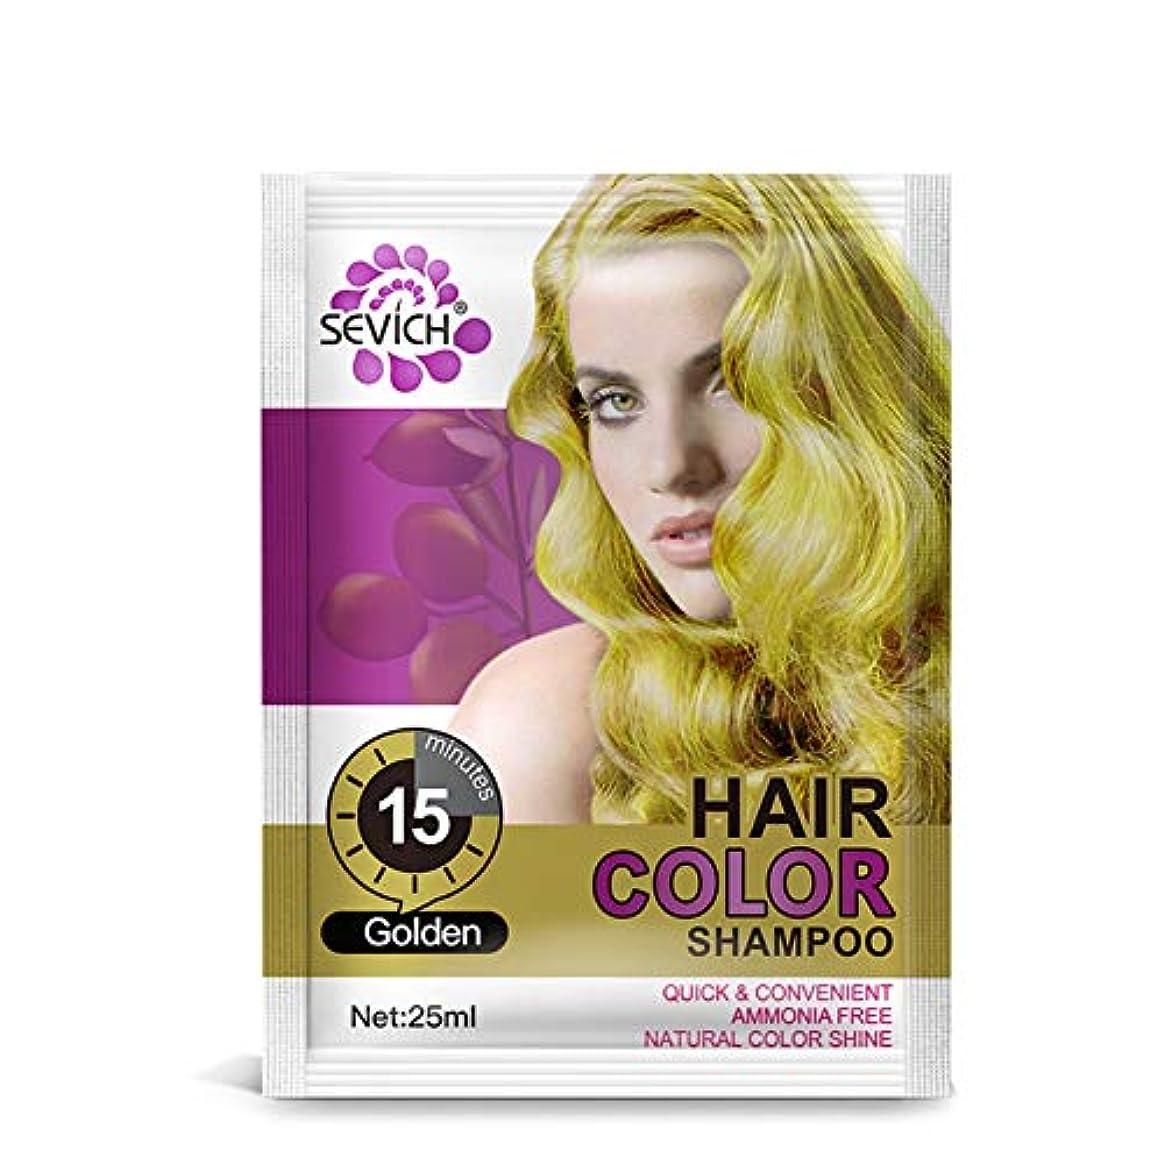 人類赤面自発ヘアカラー ヘア染め ヘアカラースタイリング 髪の色のシャンプ スタイリングカラーヘアシャンプー 純粋な植物 自然 刺激ない ヘアケア Cutelove